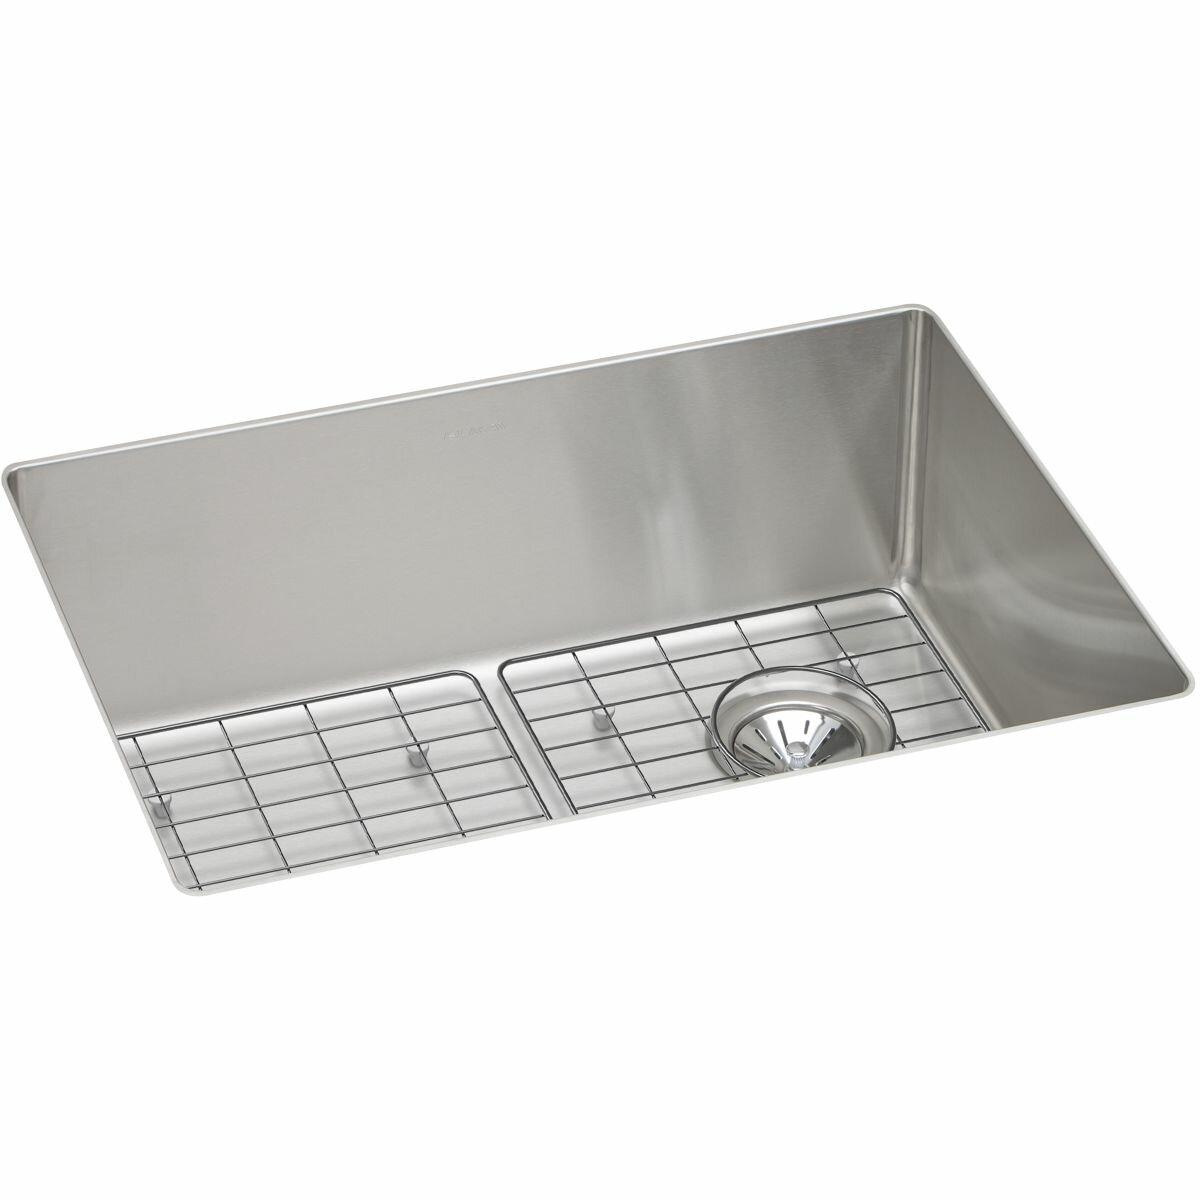 Elkay Crosstown Single Bowl Kitchen Sink